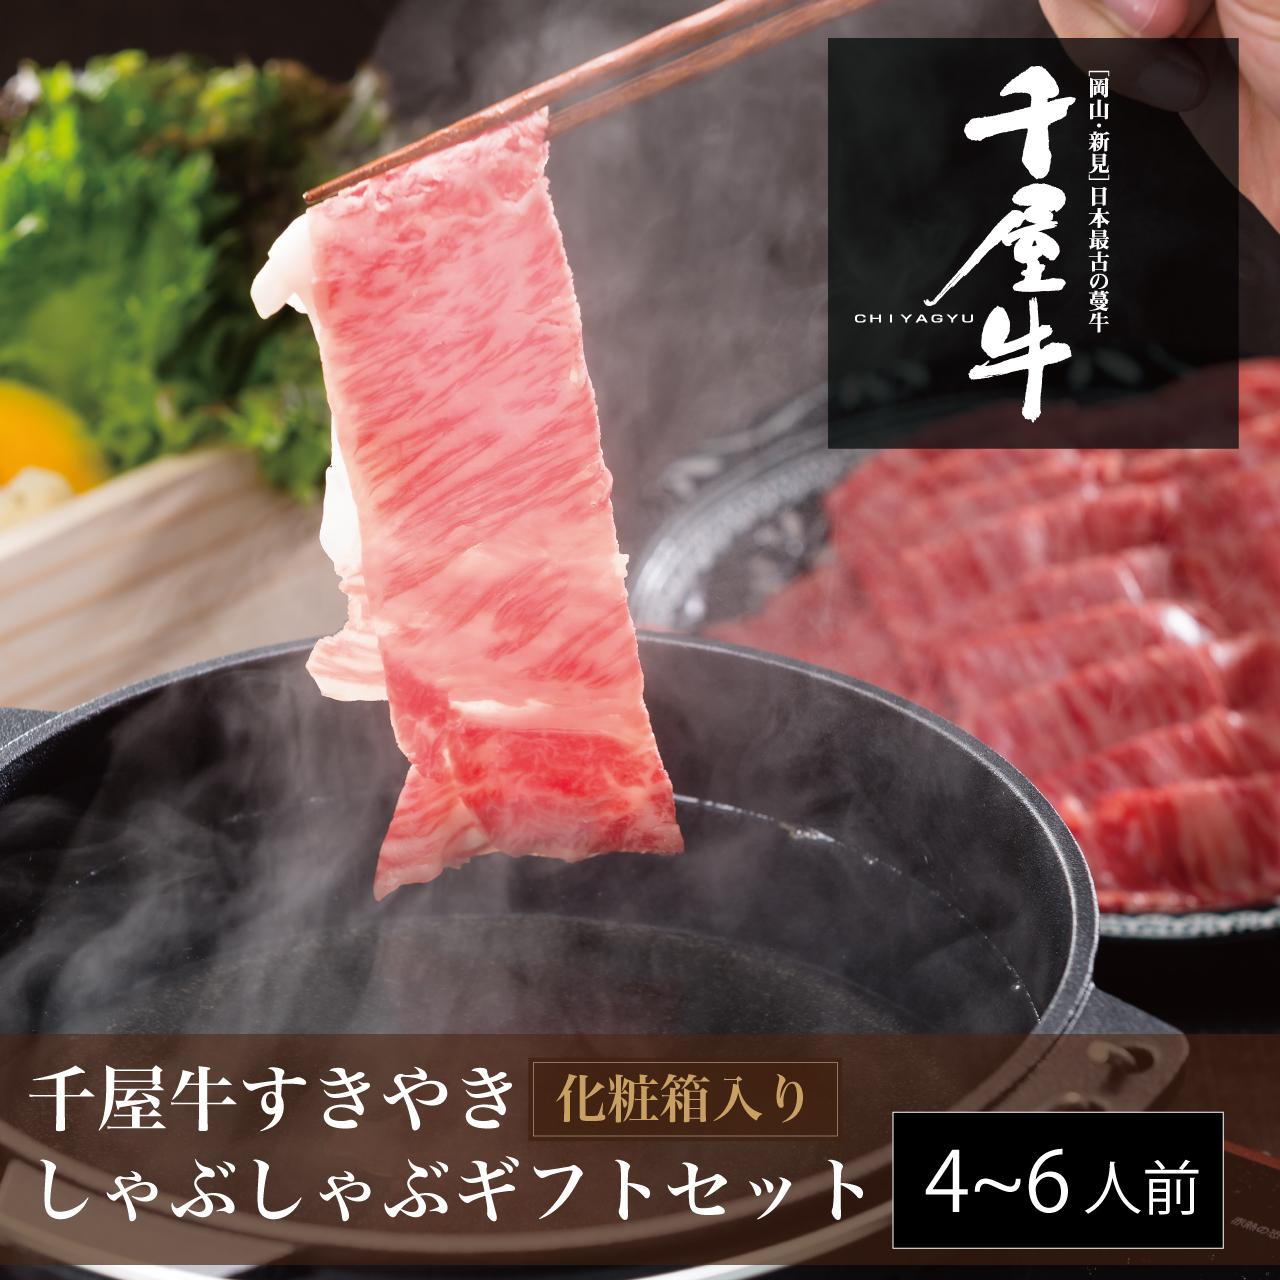 千屋牛A4等級すき焼き・しゃぶしゃぶ用ローススライス600g(4〜6名様用)【送料無料】